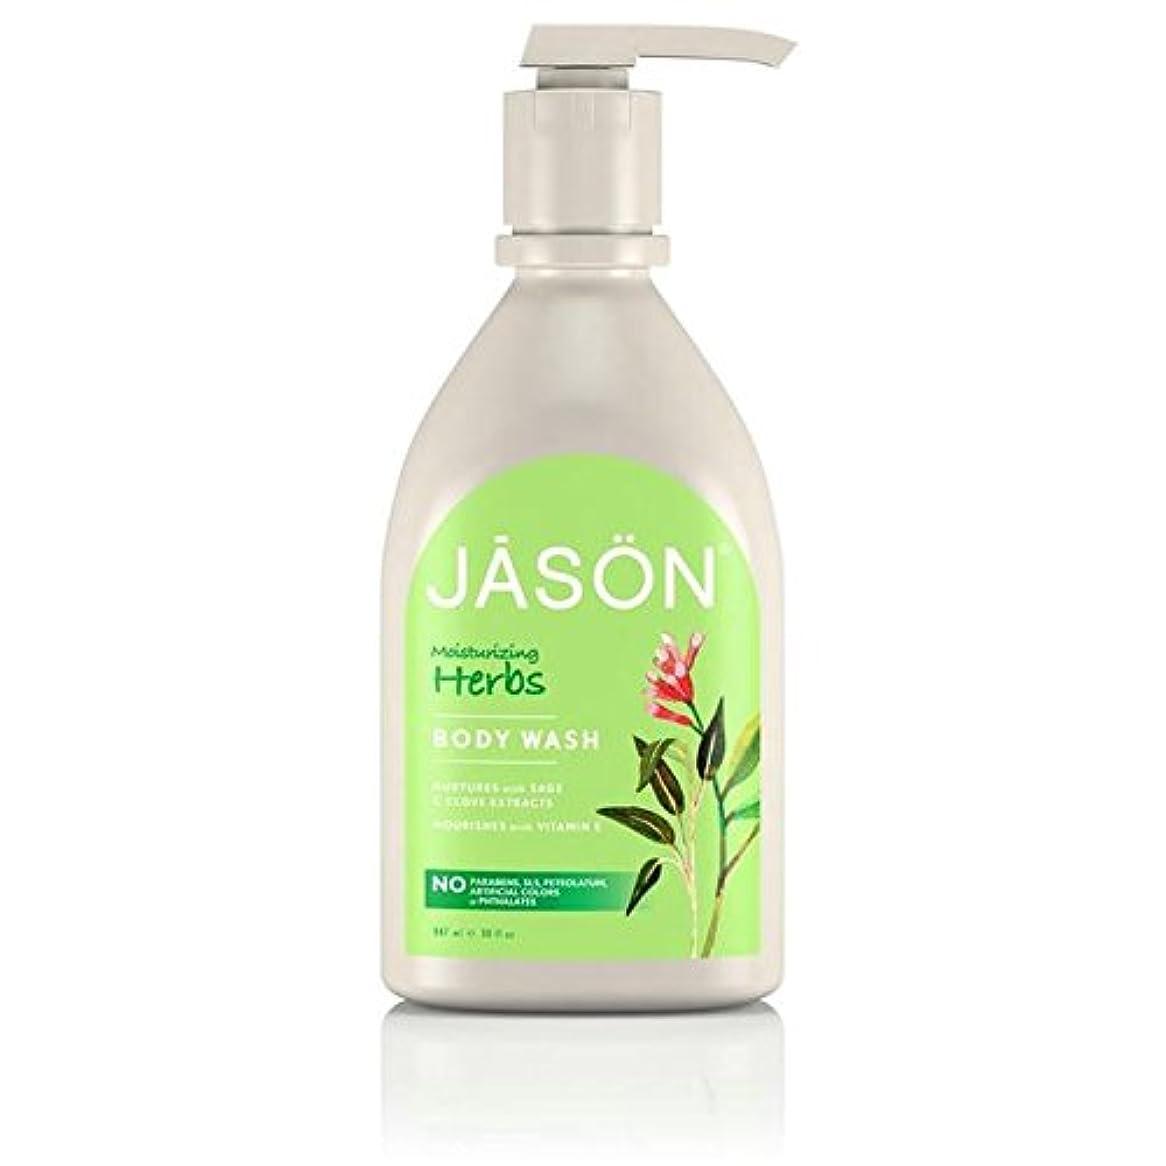 署名コールヒロインJason Herbal Satin Body Wash Pump 900ml (Pack of 6) - ジェイソン?ハーブサテンボディウォッシュポンプ900ミリリットル x6 [並行輸入品]